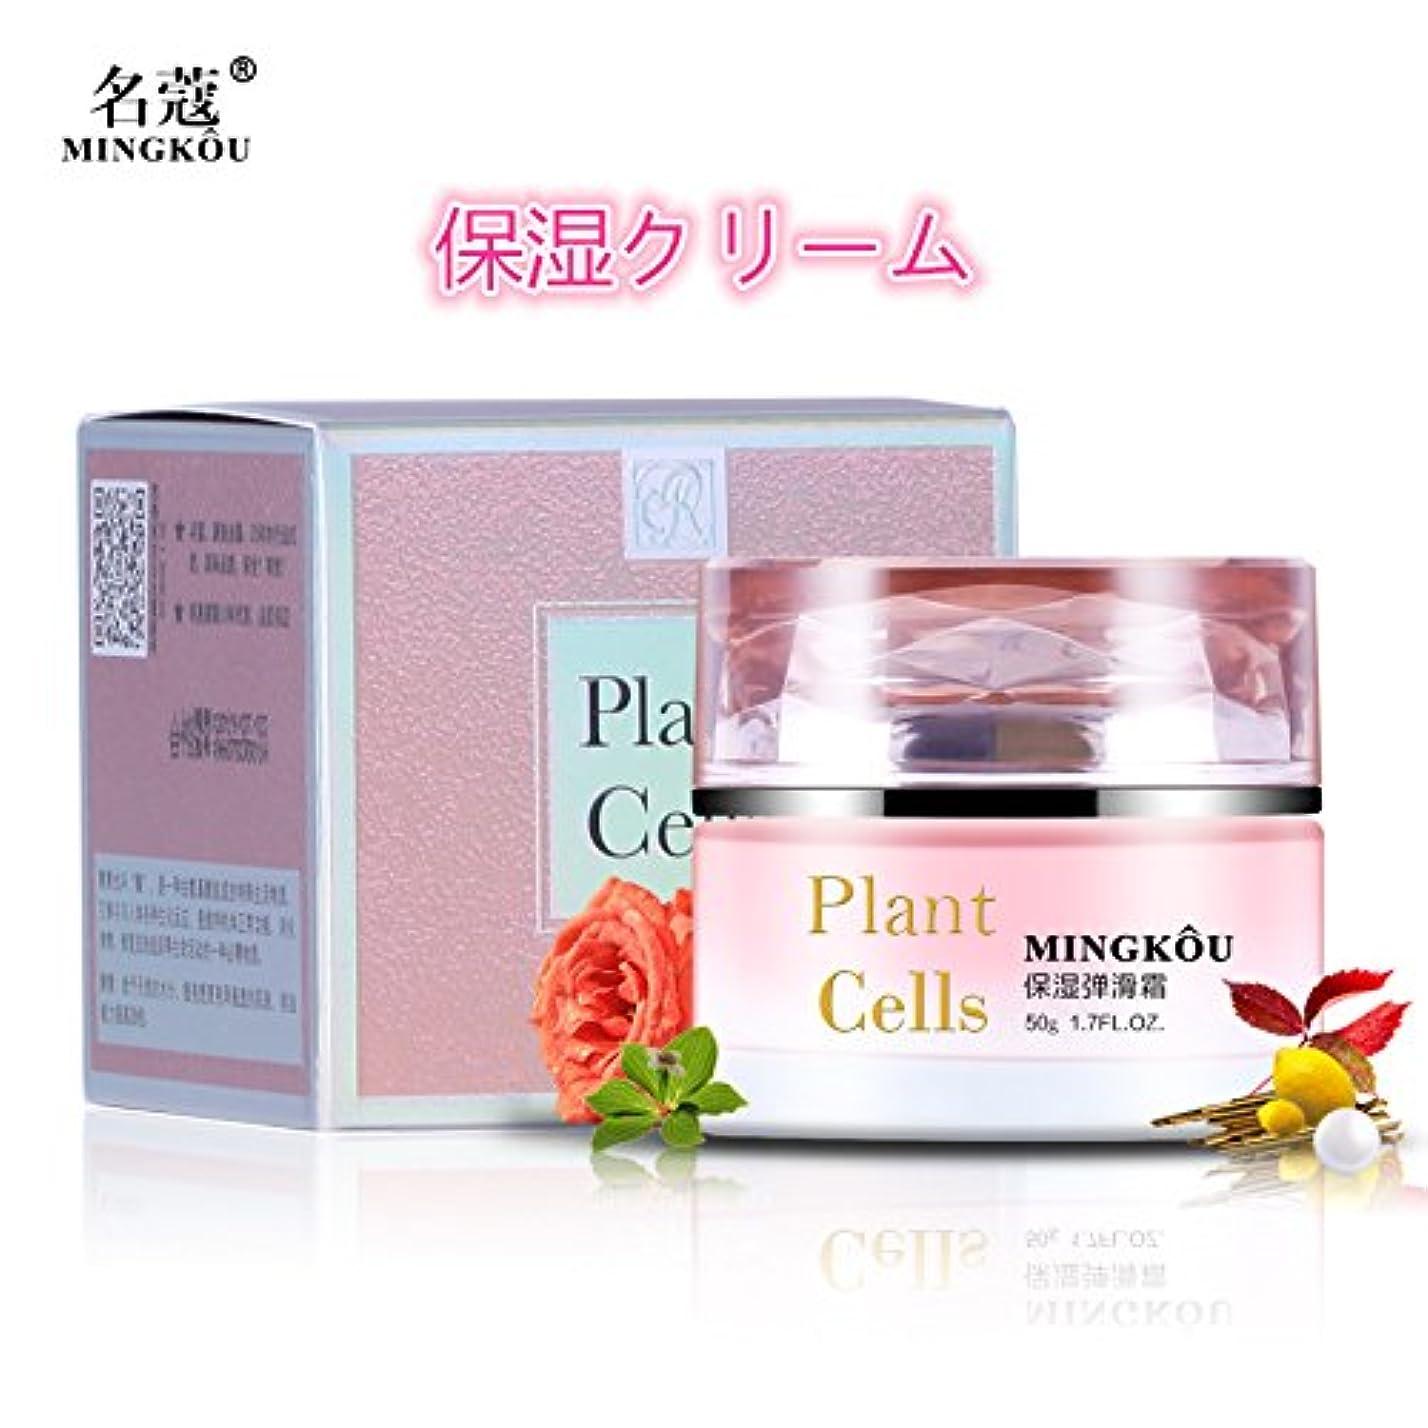 バタフライ戦士職業植物酵素モイスチャライジングクリーム (ピンク)